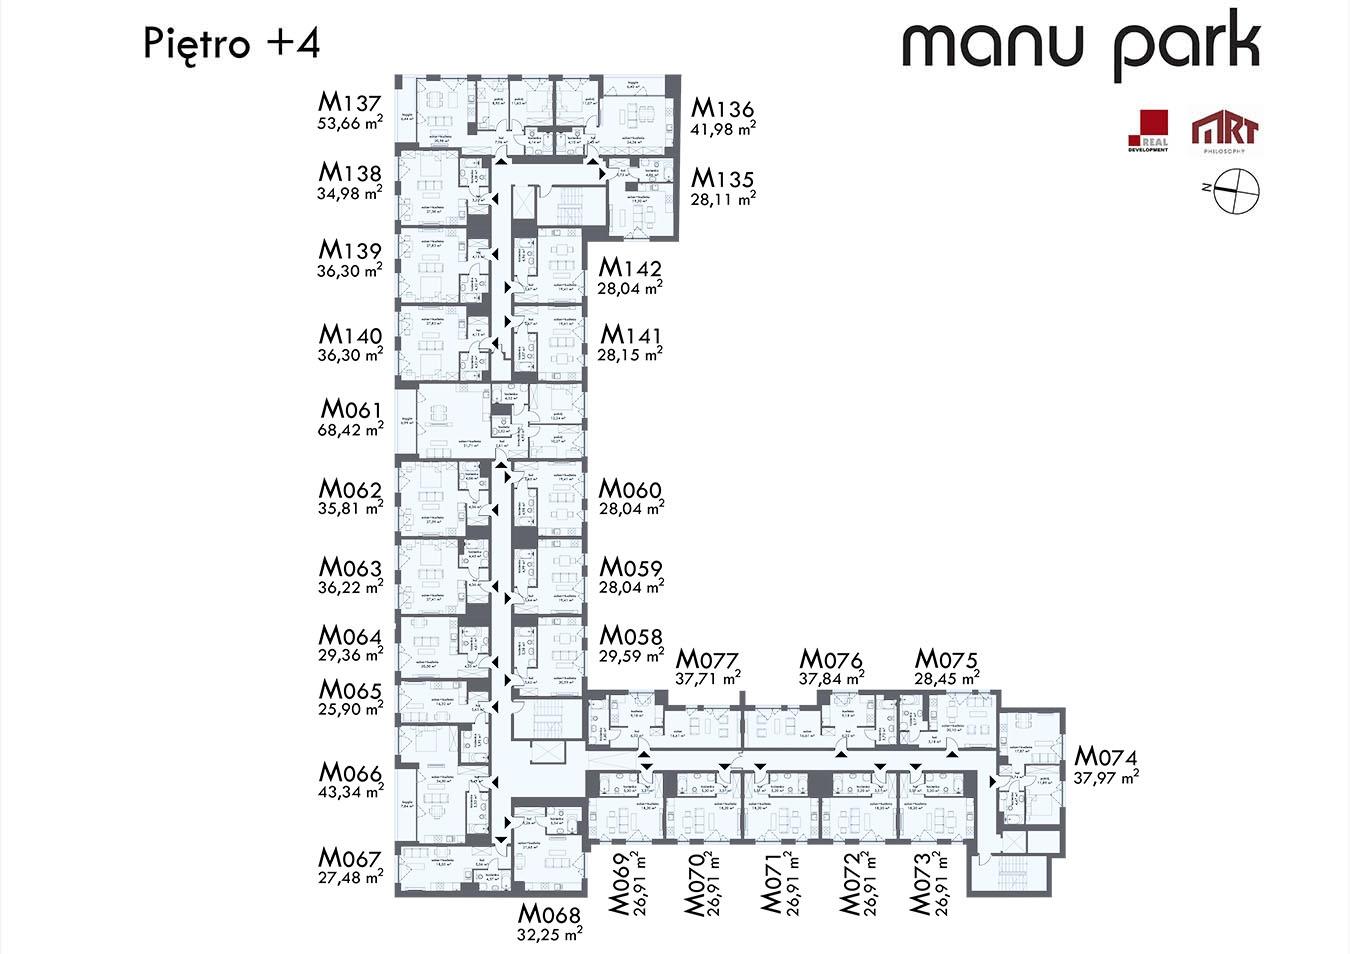 MANU PARK - Piętro 4